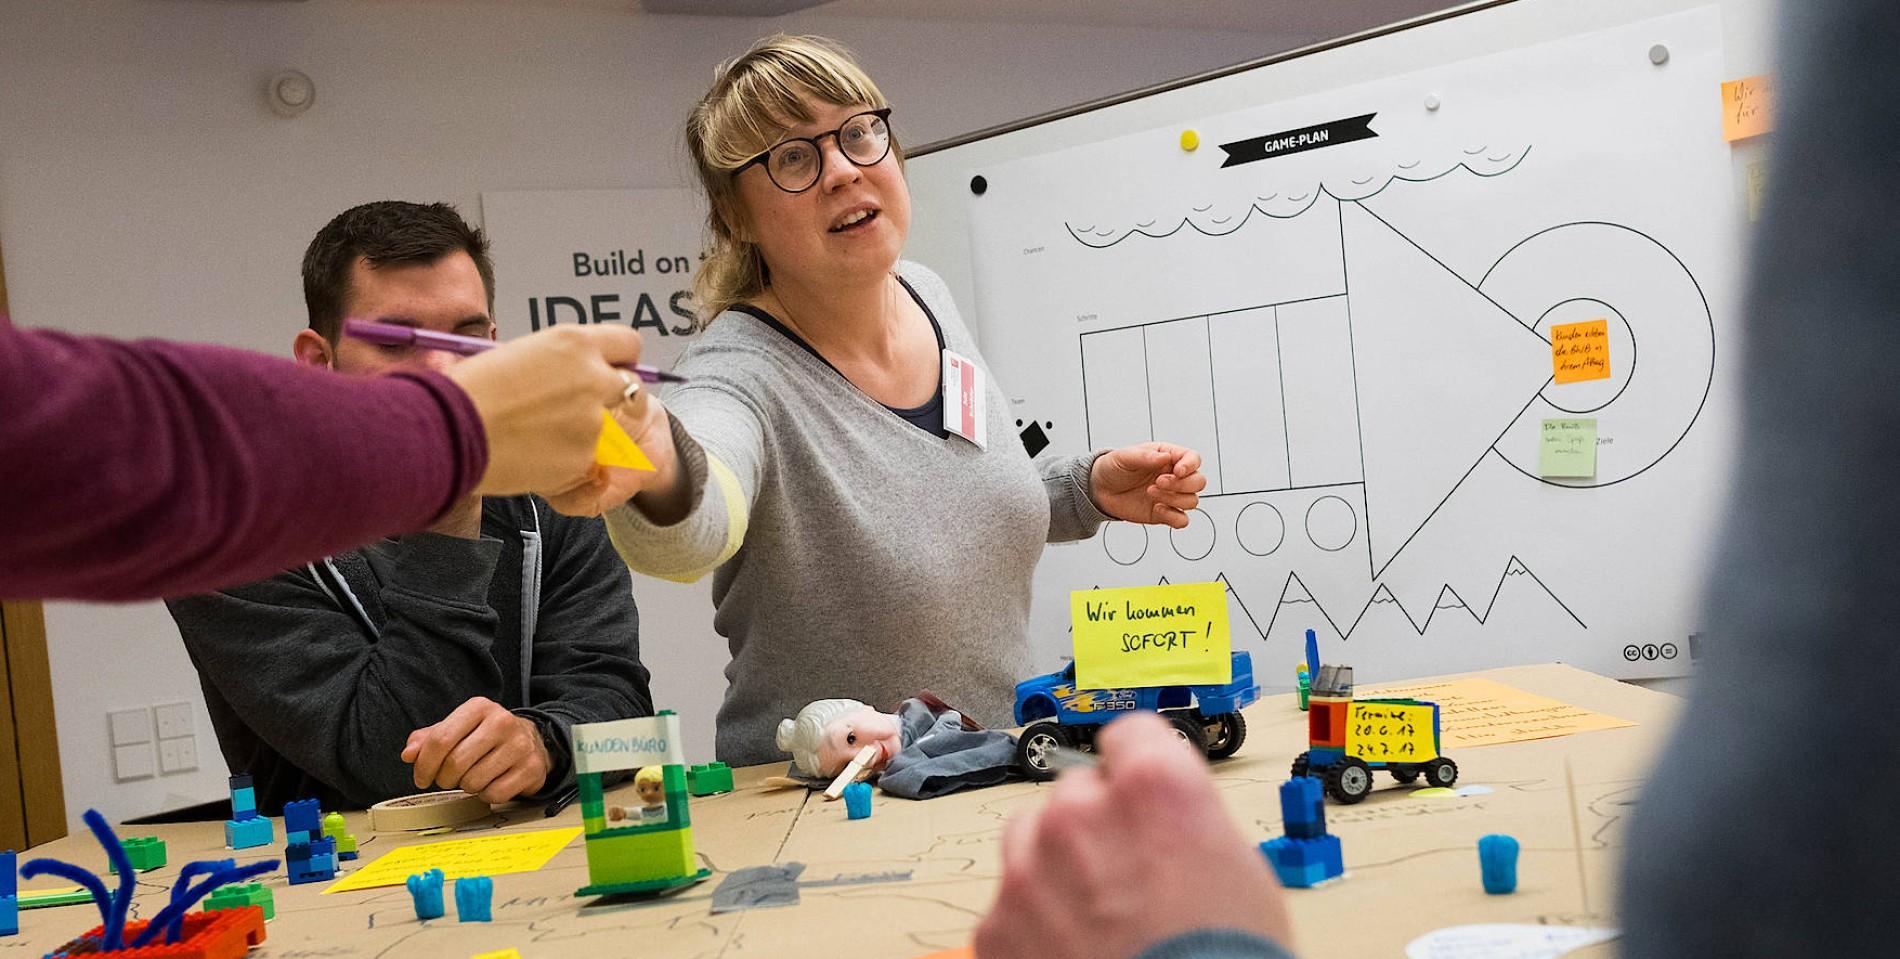 Coach Jule unterstützt die Teilnehmer eines Workshops, ihre Ideen zu konzeptualisieren und zu visualisieren.Foto: Daniel Pilar